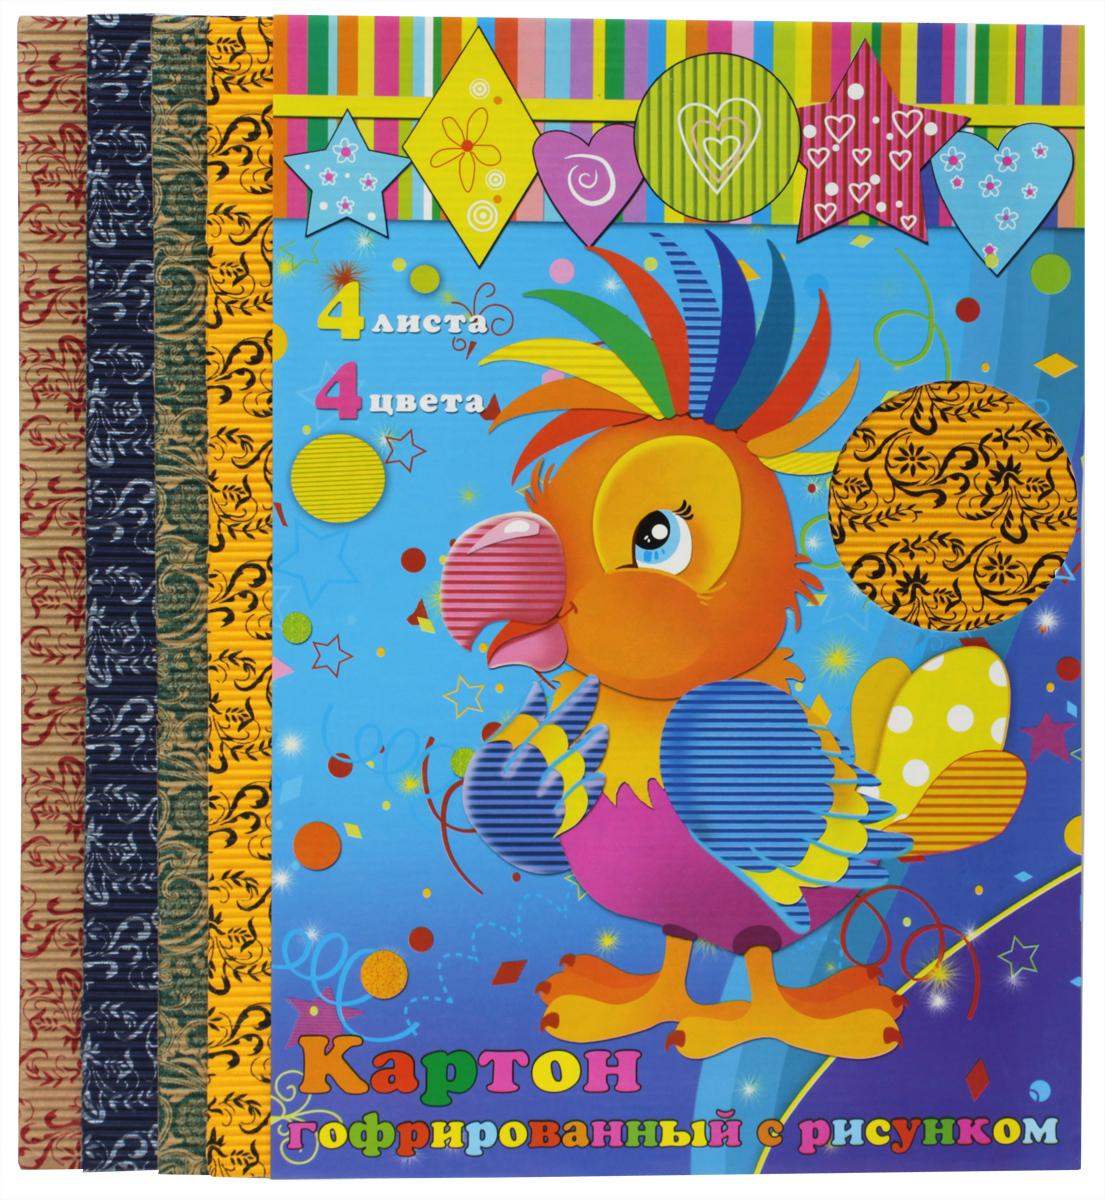 Феникс+ Гофрированный цветной картон с рисунком 4 листа феникс картон гофрированный 5 листов